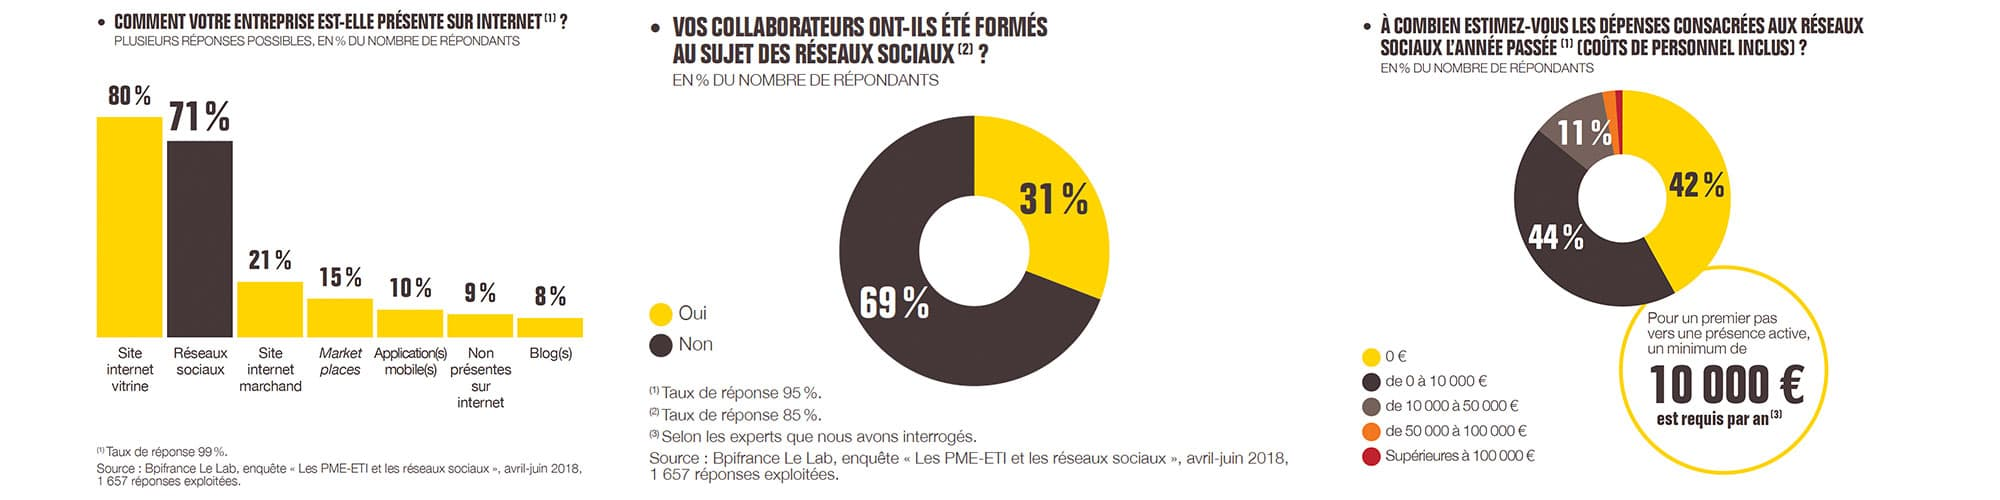 BPI France Le Lab PME ETI Réseaux sociaux